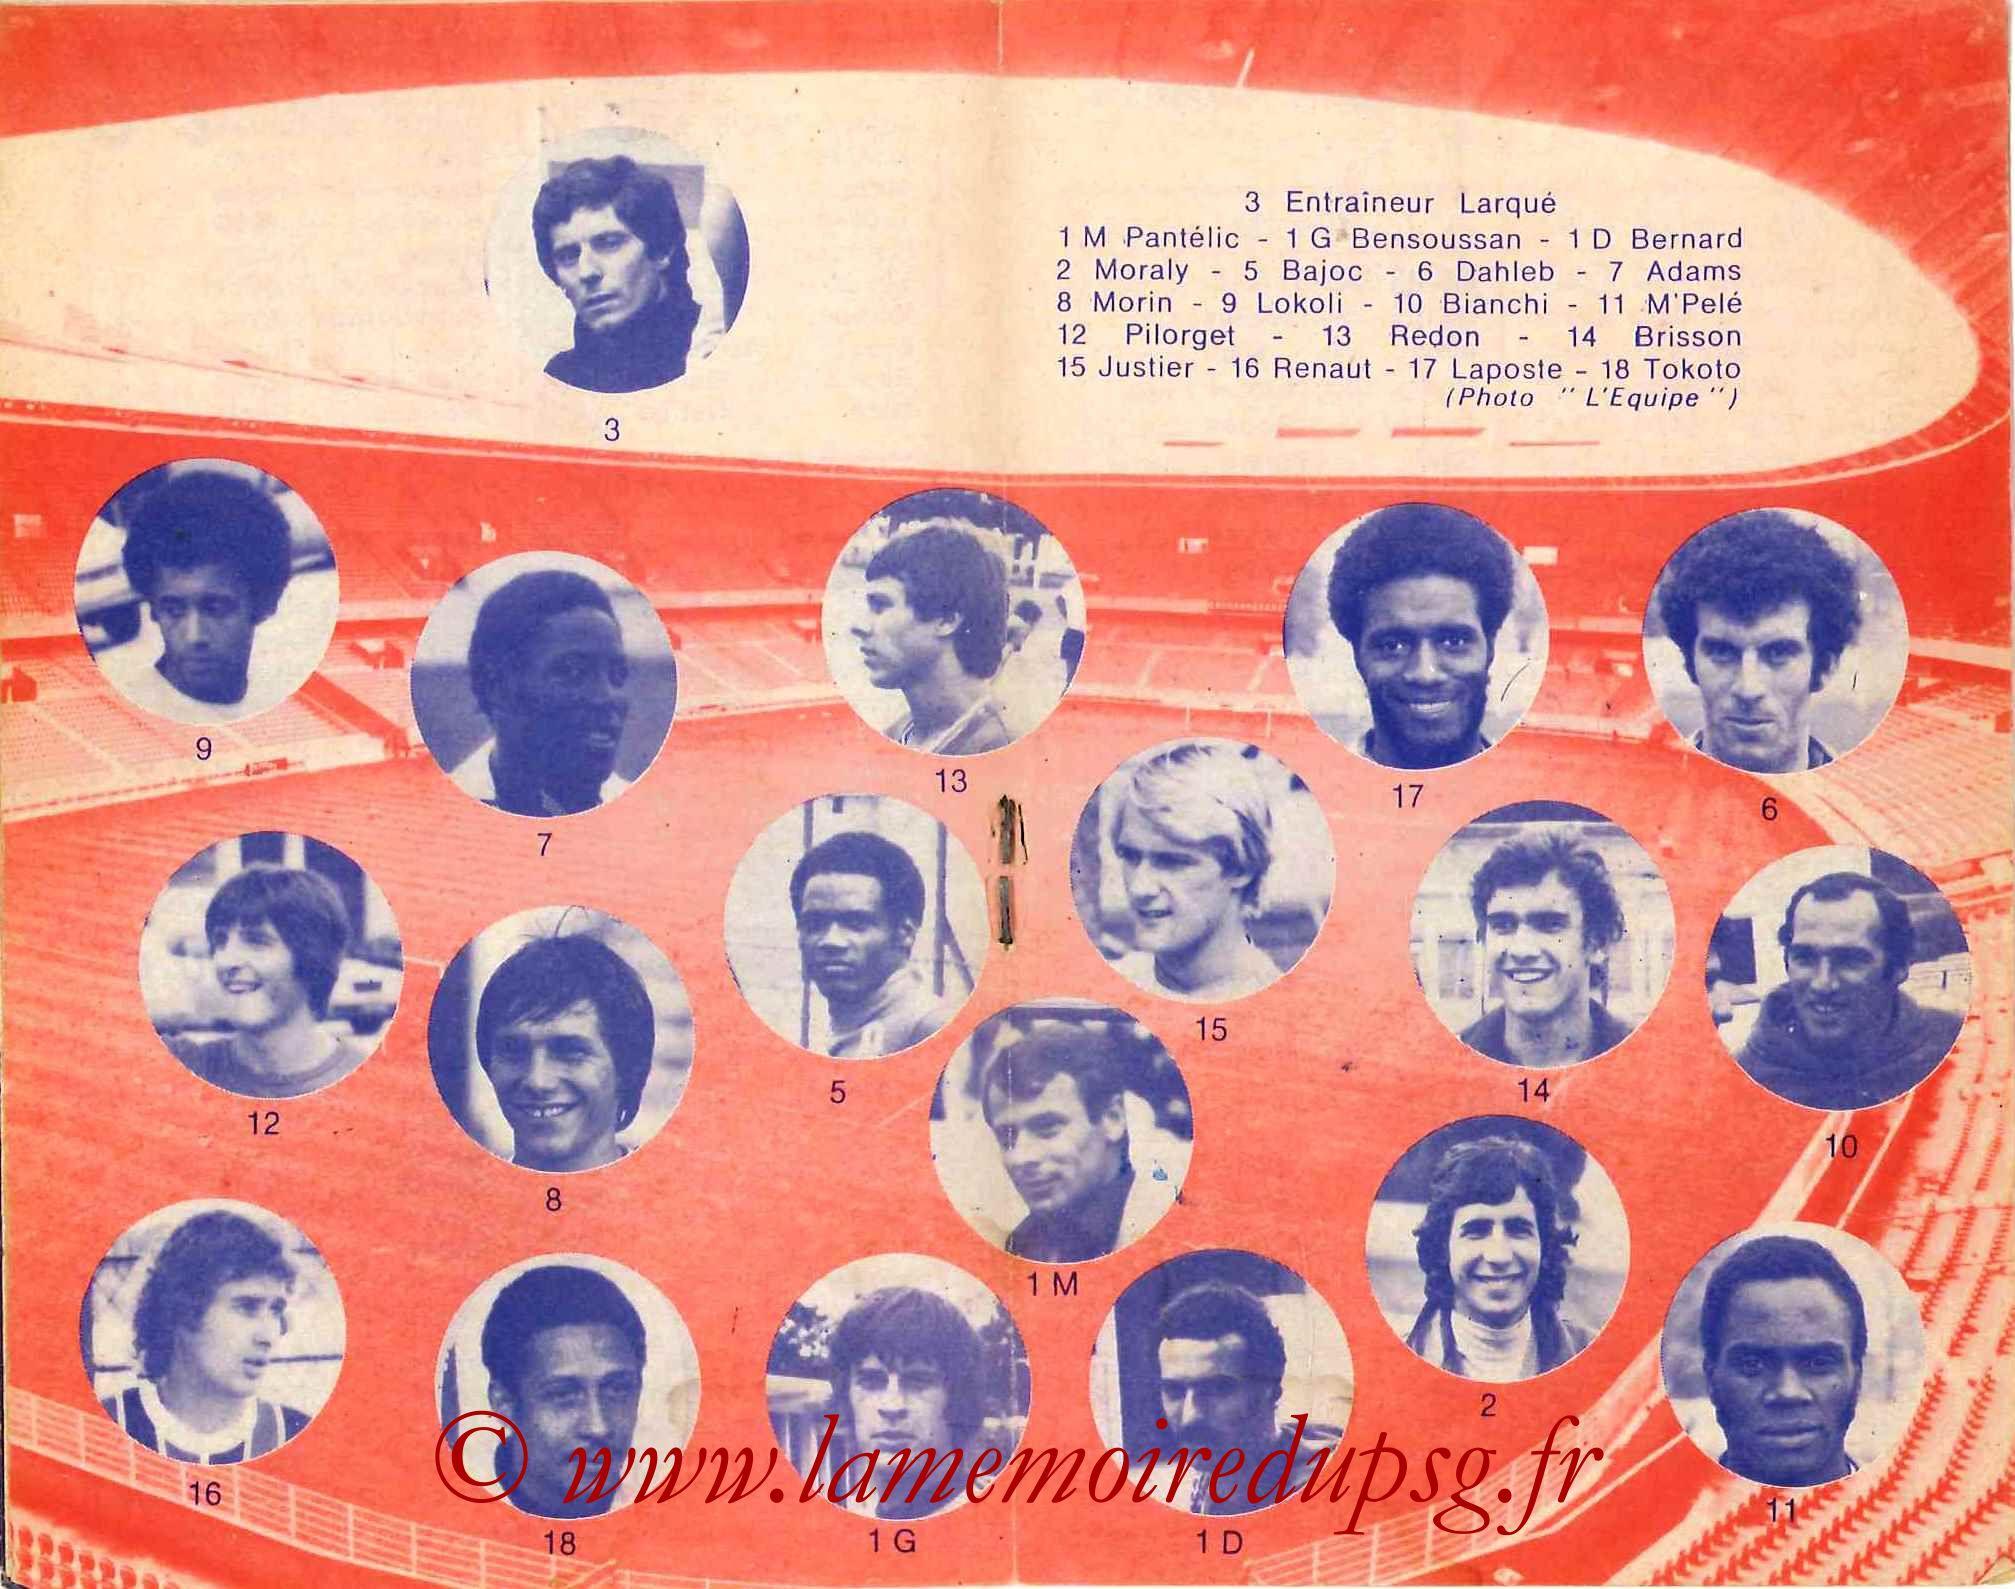 1977-78 - Guide de la Saison PSG - Pages 6 et 7